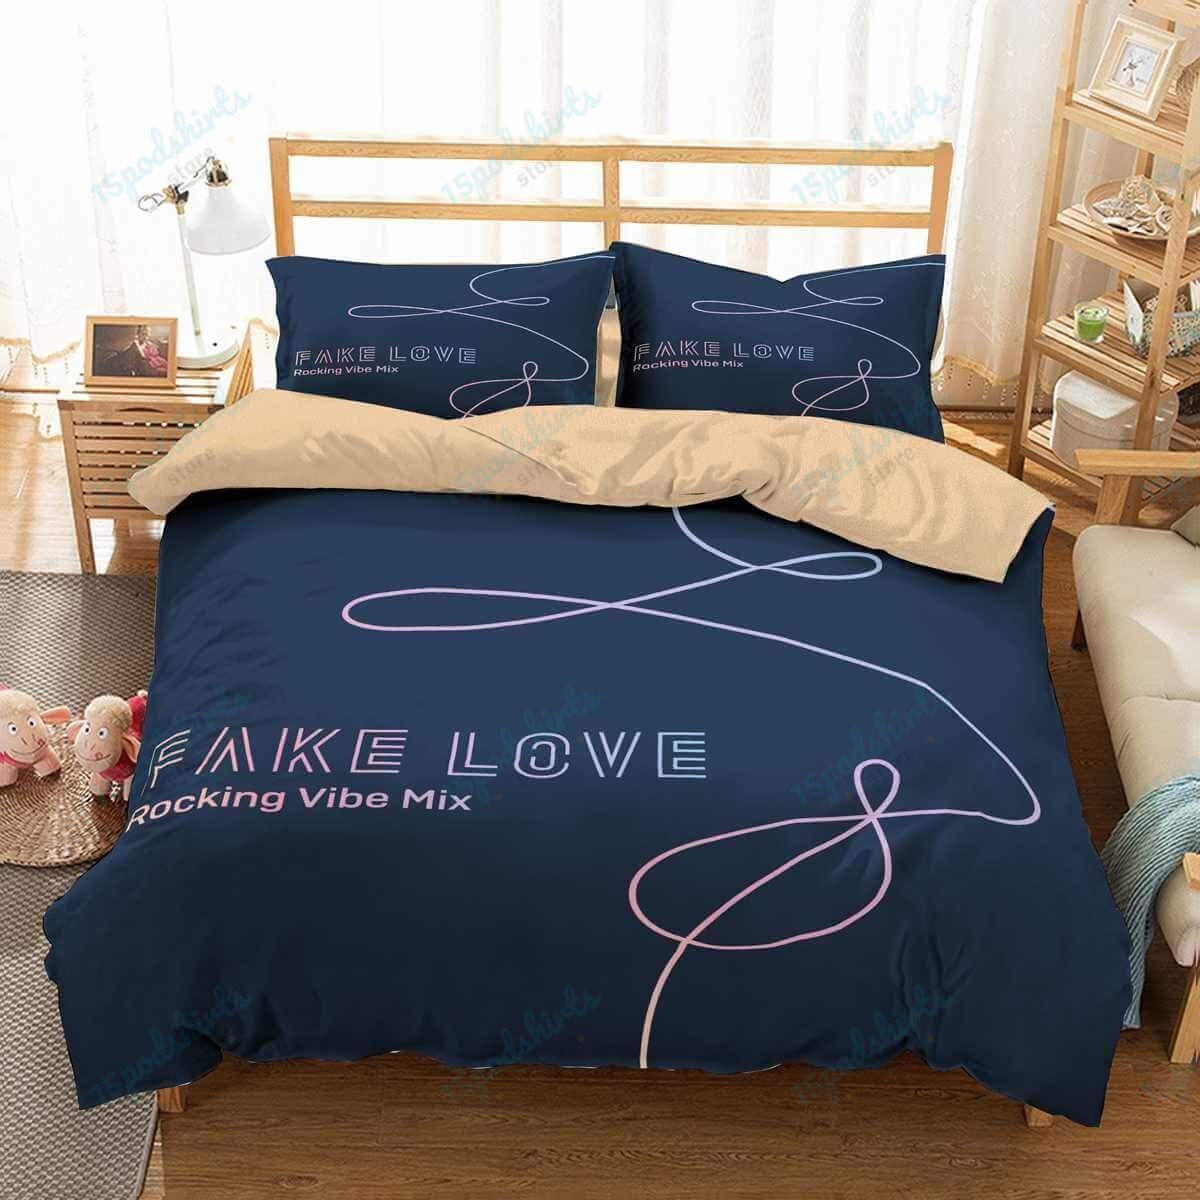 Bts 7 Duvet Cover Bedding Set